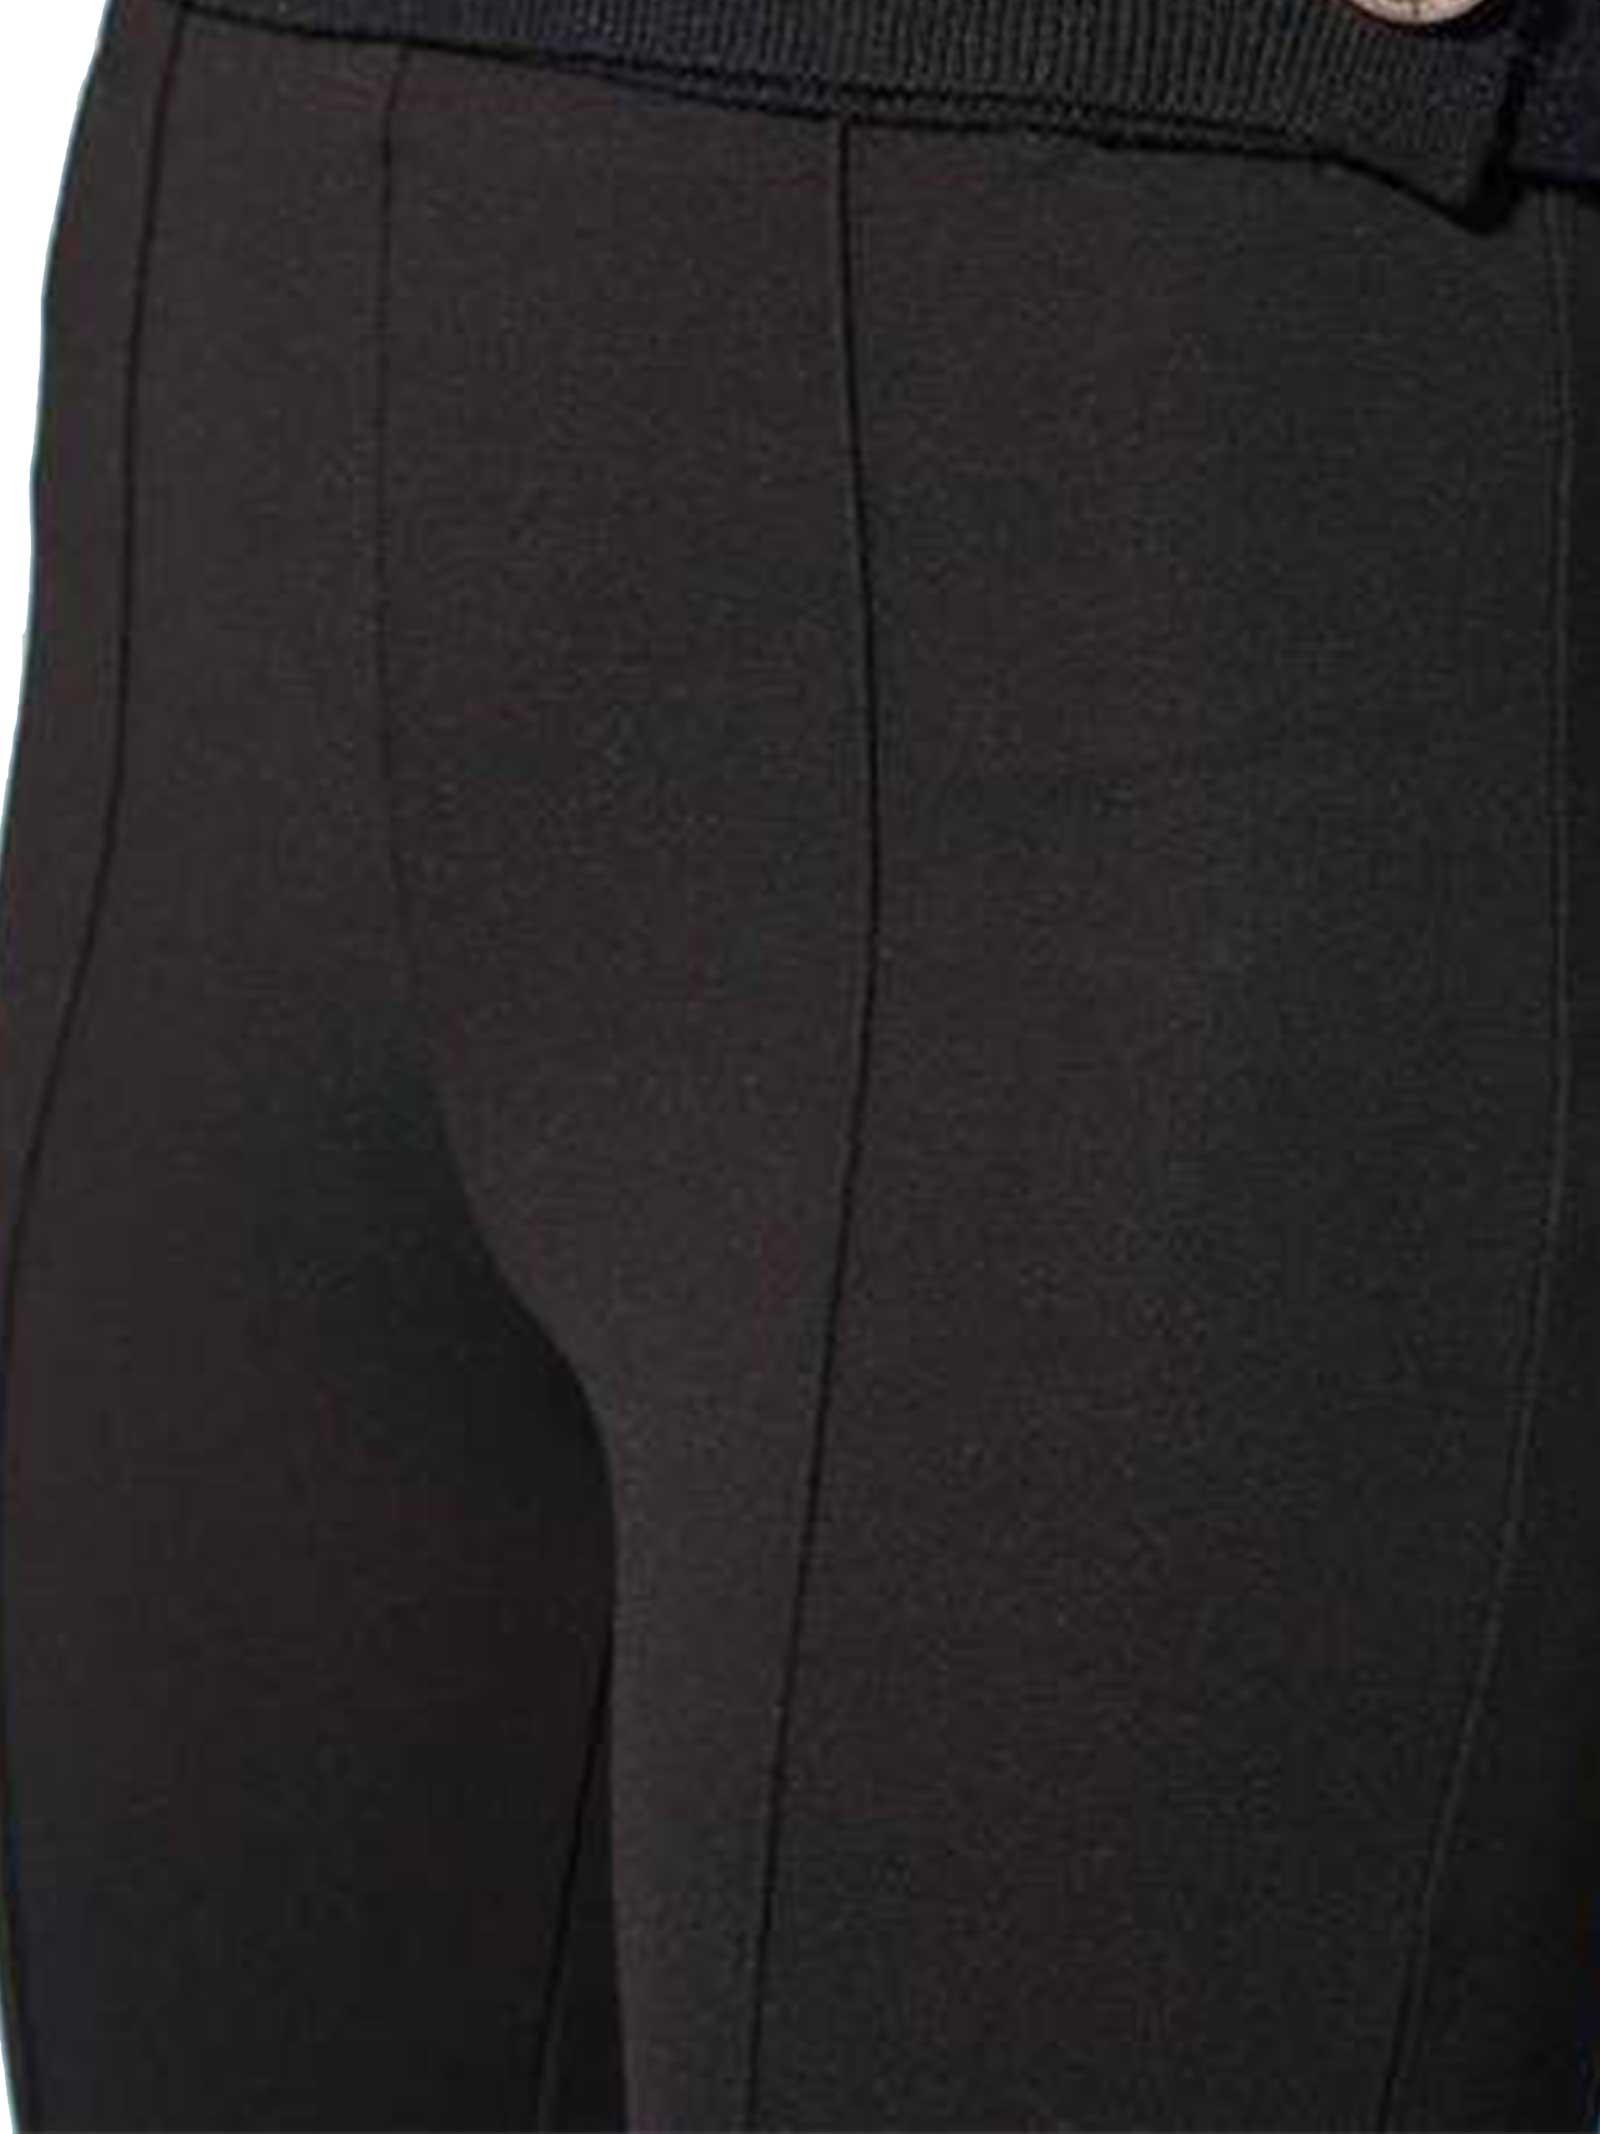 LEGGINS DONNA SILVIAN HEACH   Pantalone   PGA20537PABLACK